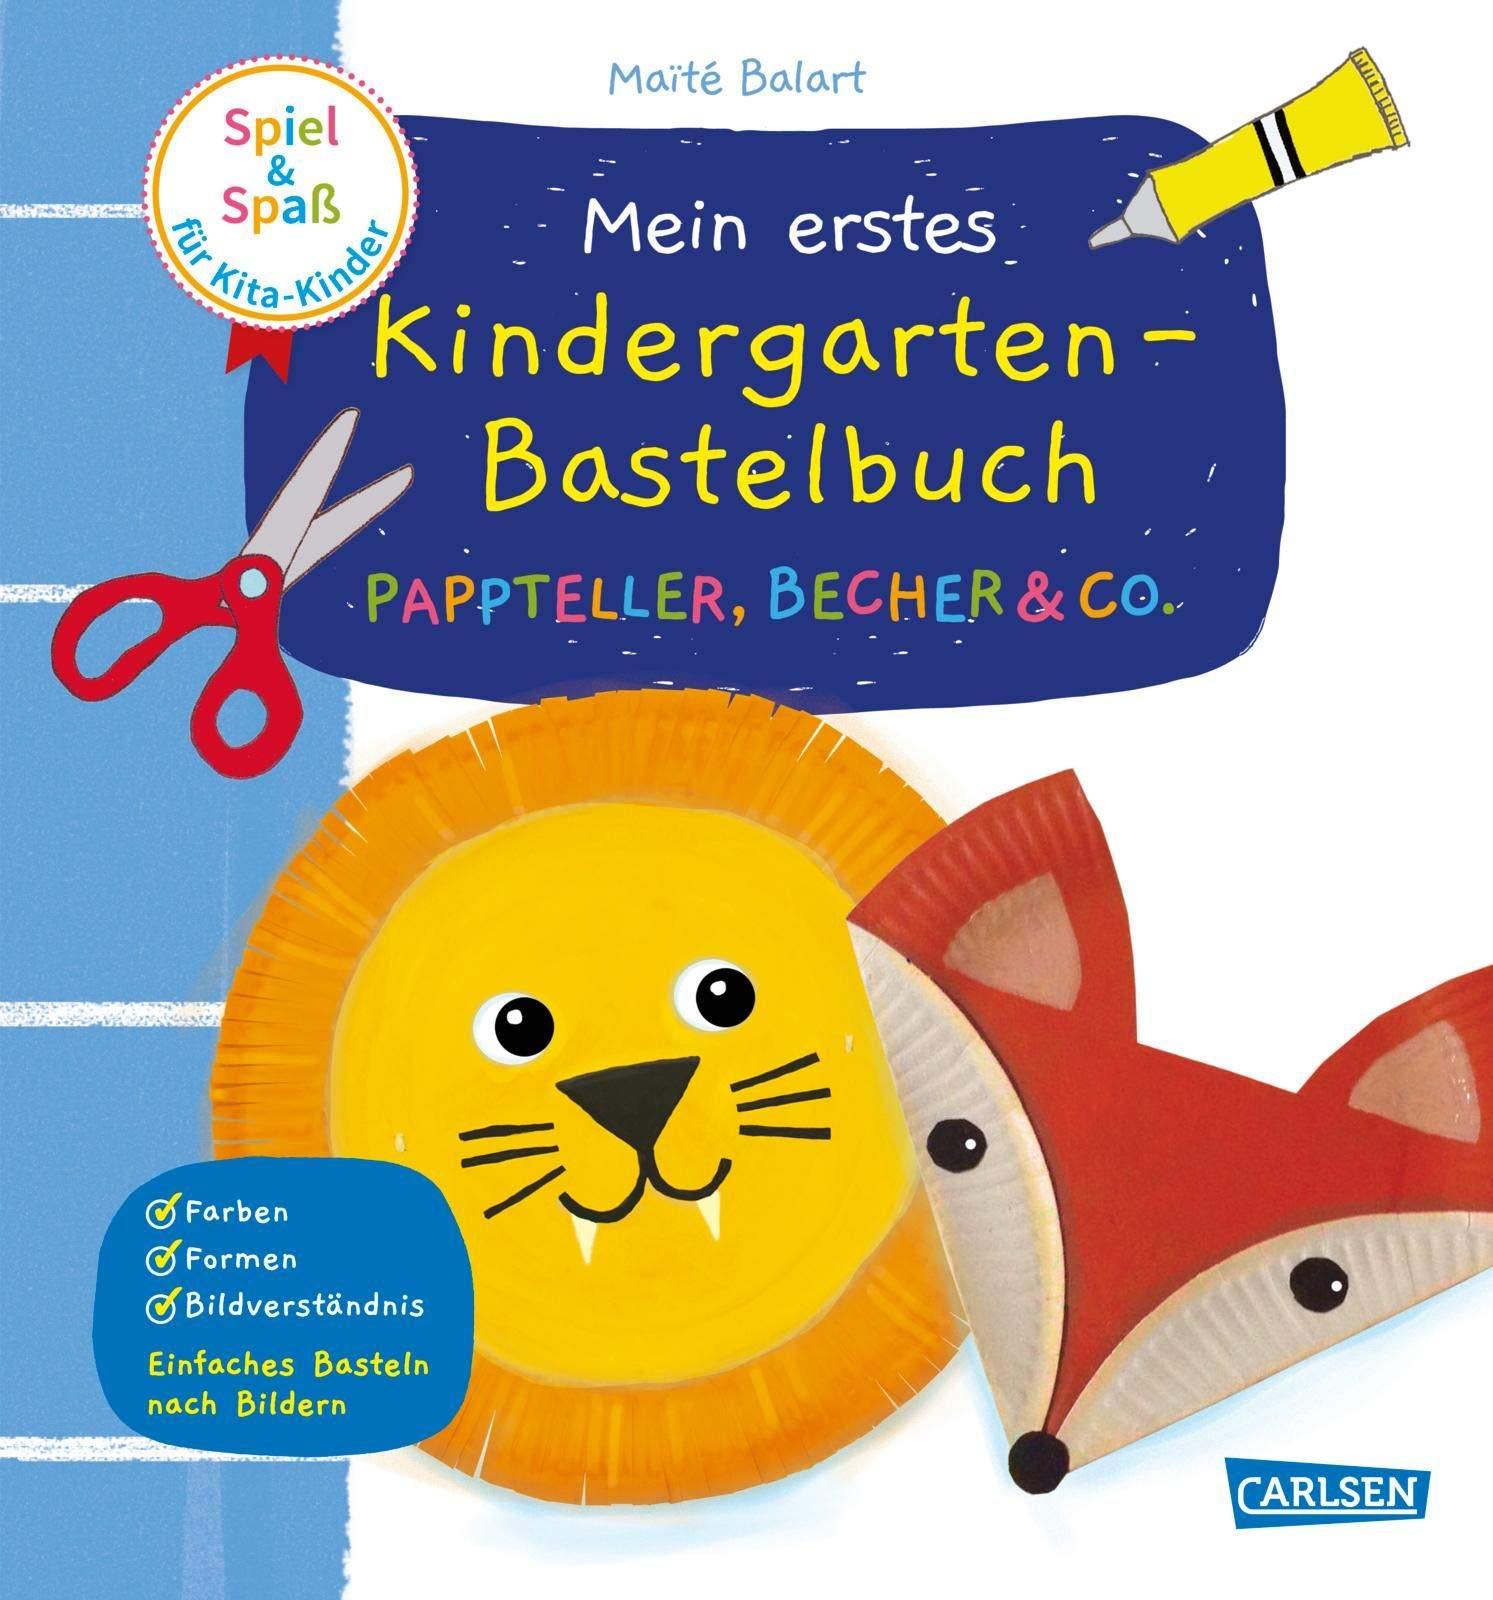 Spiel Spass Fur Kita Kinder Mein Erstes Kindergarten Bastelbuch